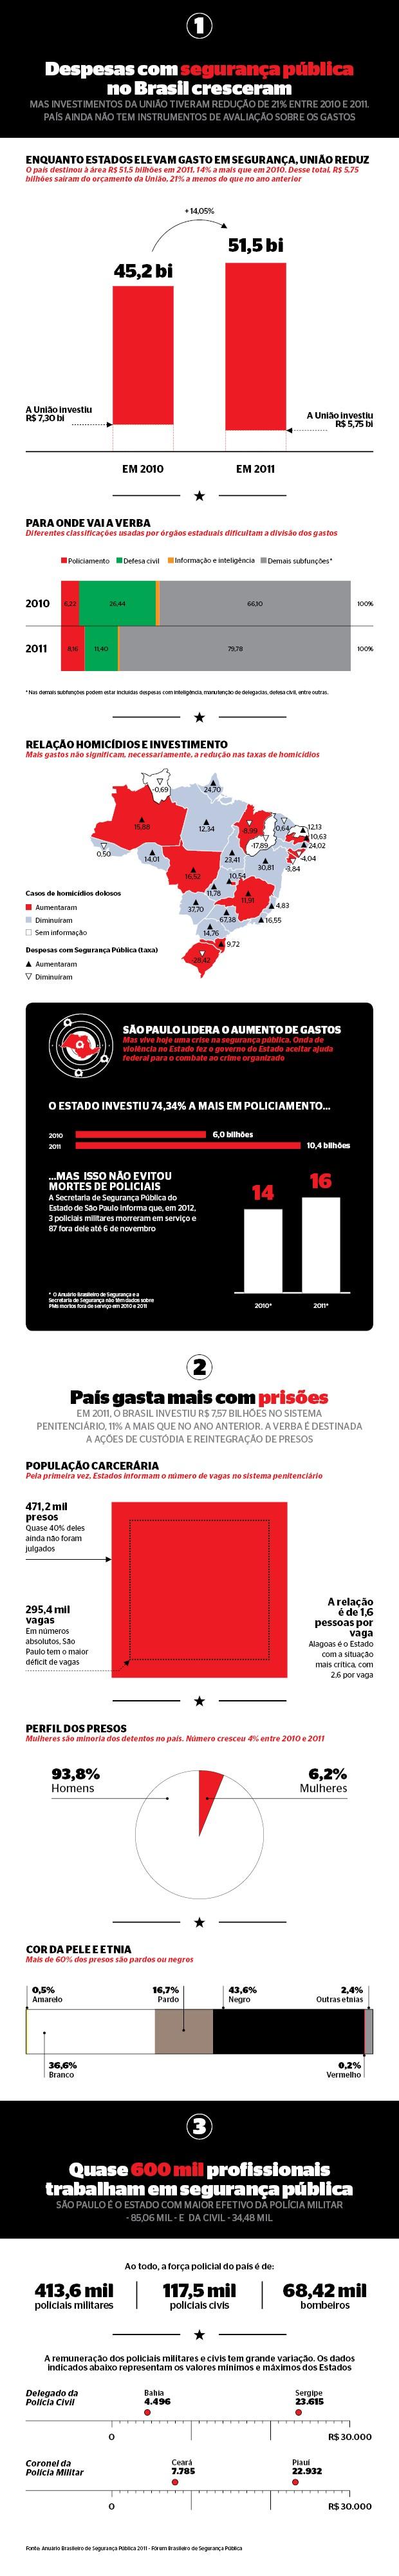 Dados do Anuário do Fórum Brasileiro de Segurança Pública (Foto: Renato Tanigawa e Marco Vergotti/ÉPOCA)